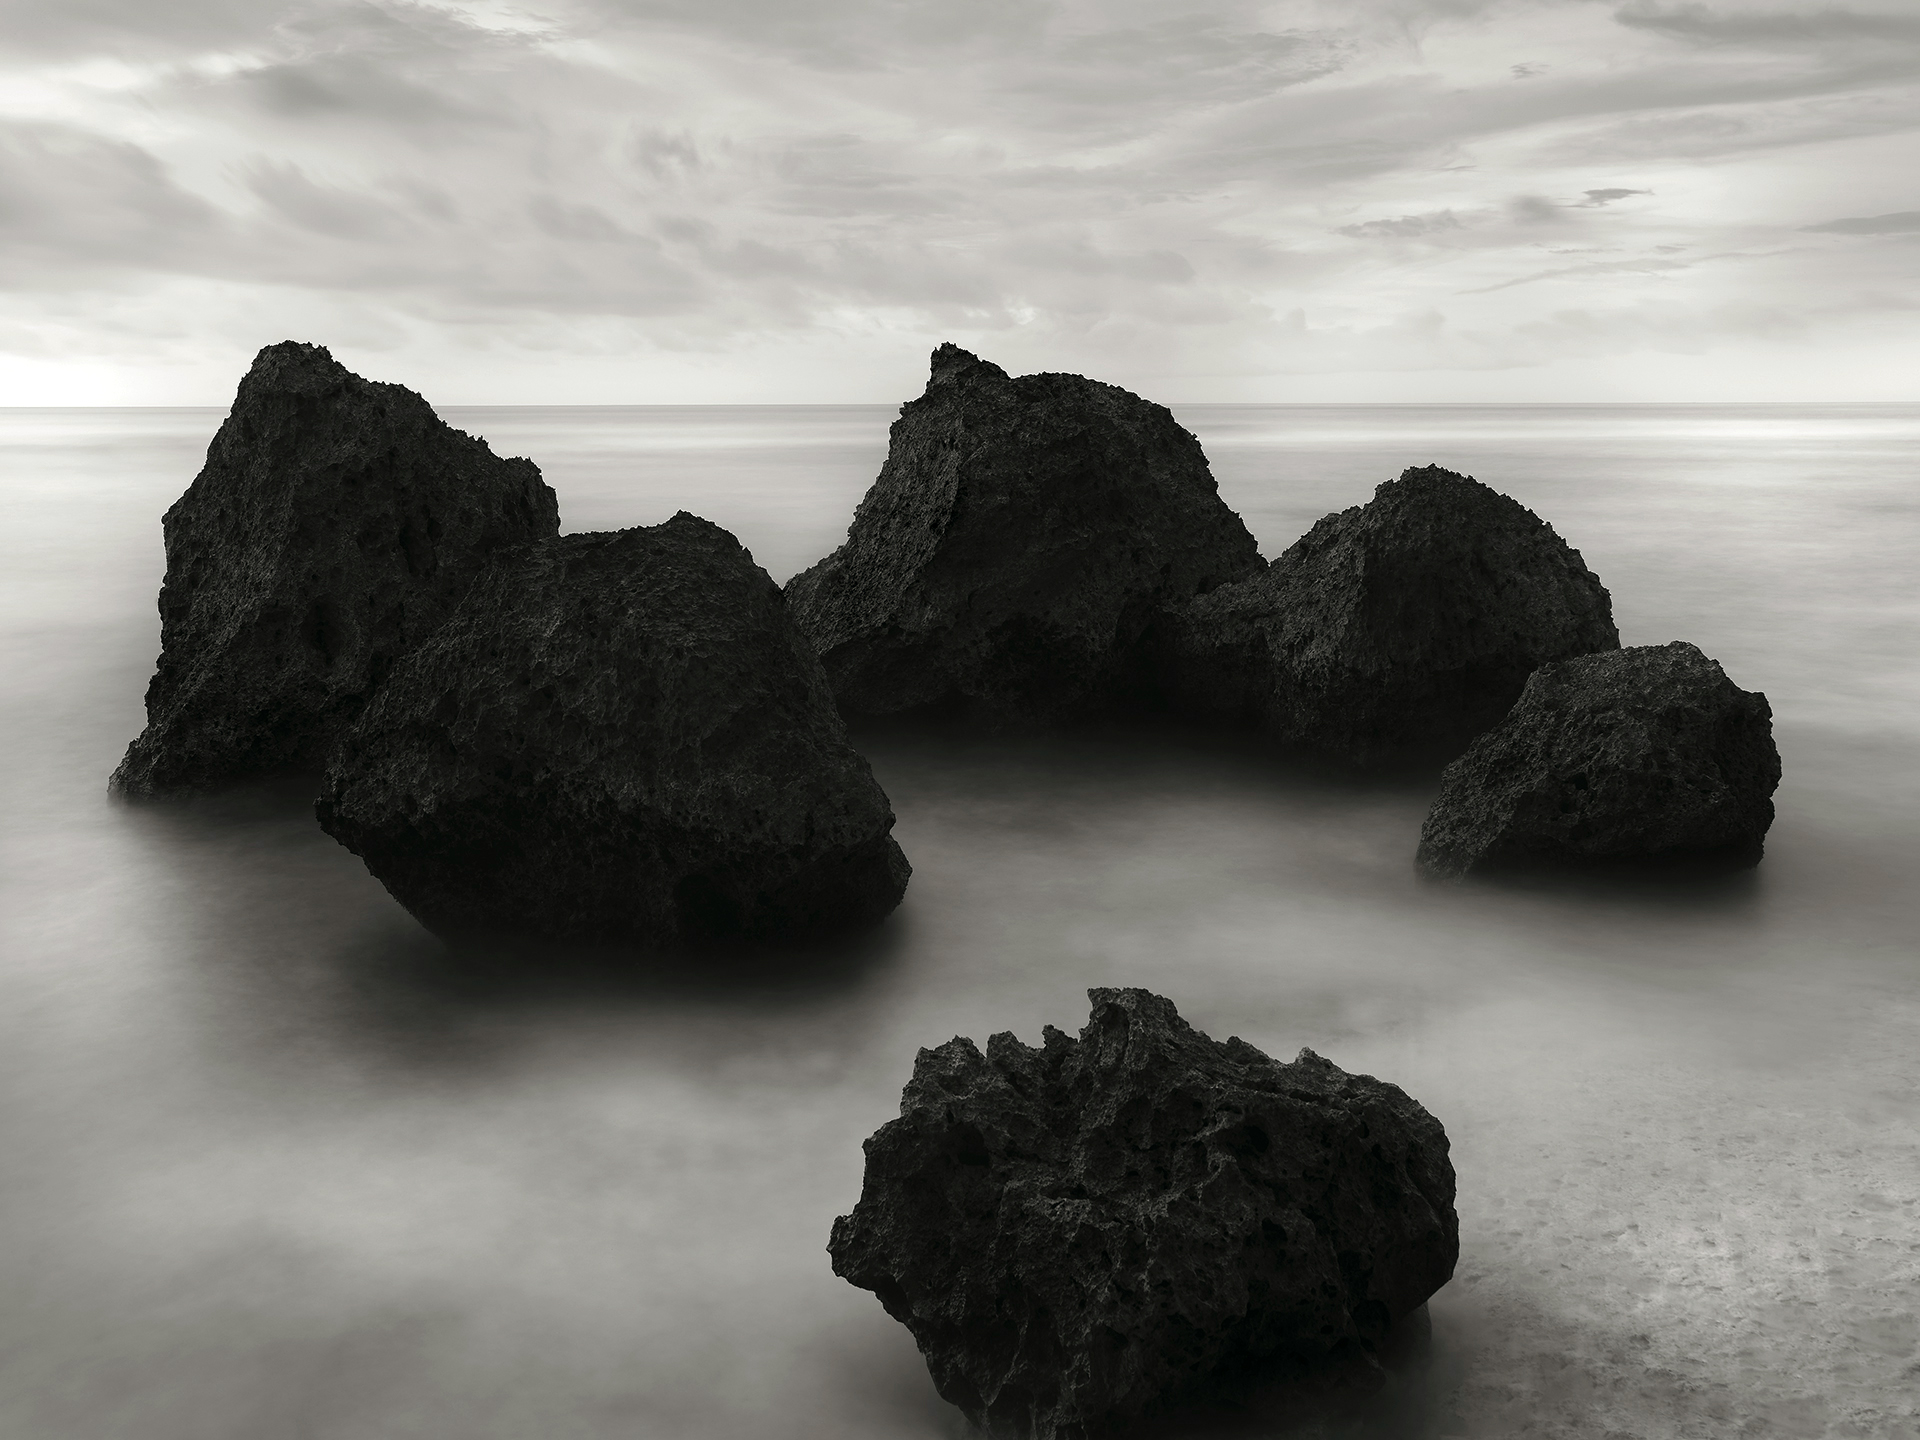 Black Rocks, Bali - 2008 copy.jpg